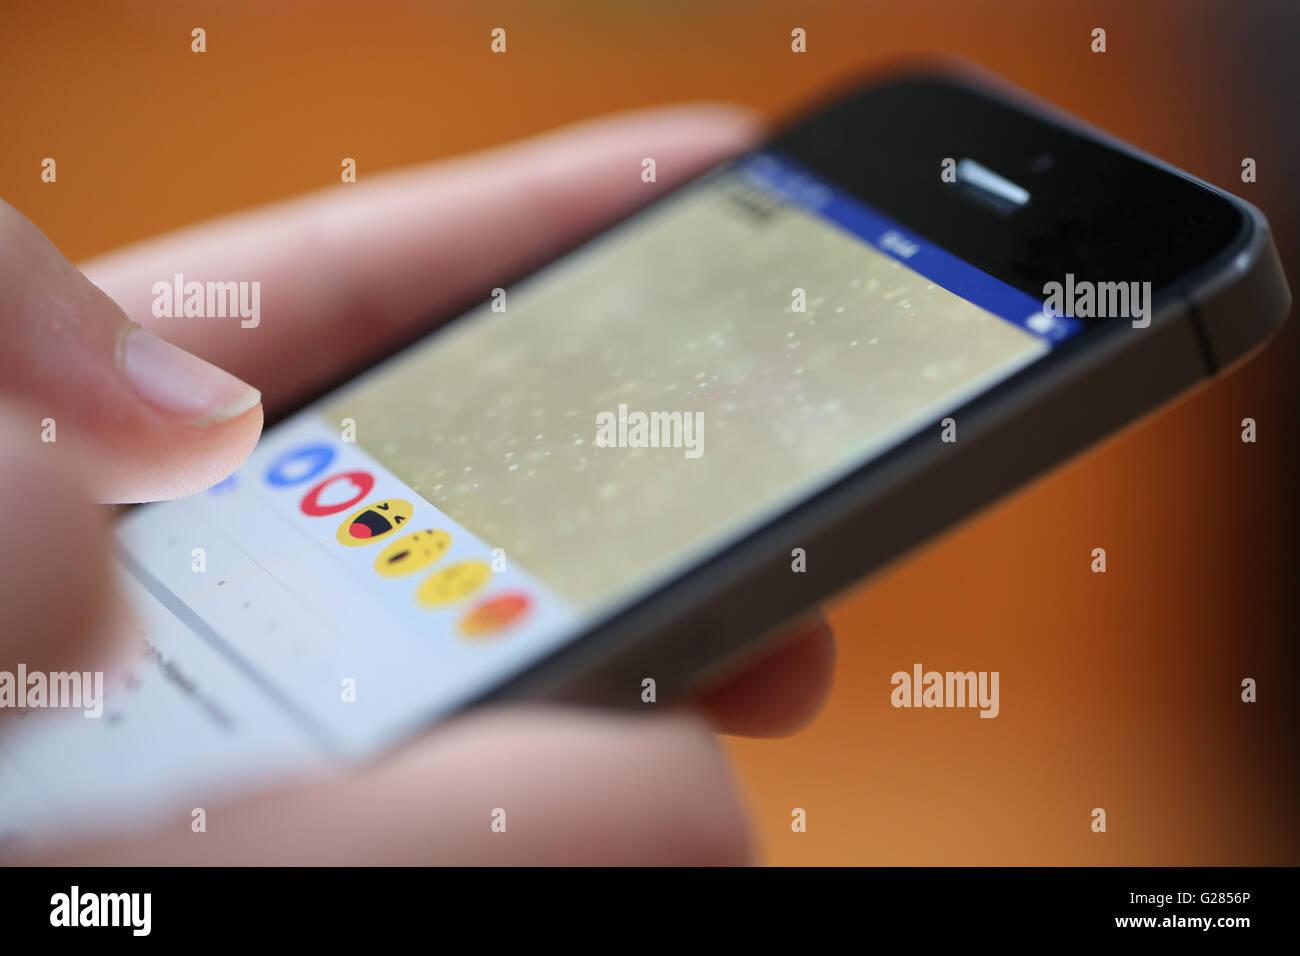 Un adolescente con las reacciones sobre la aplicación Facebook en un teléfono inteligente. Imagen De Stock